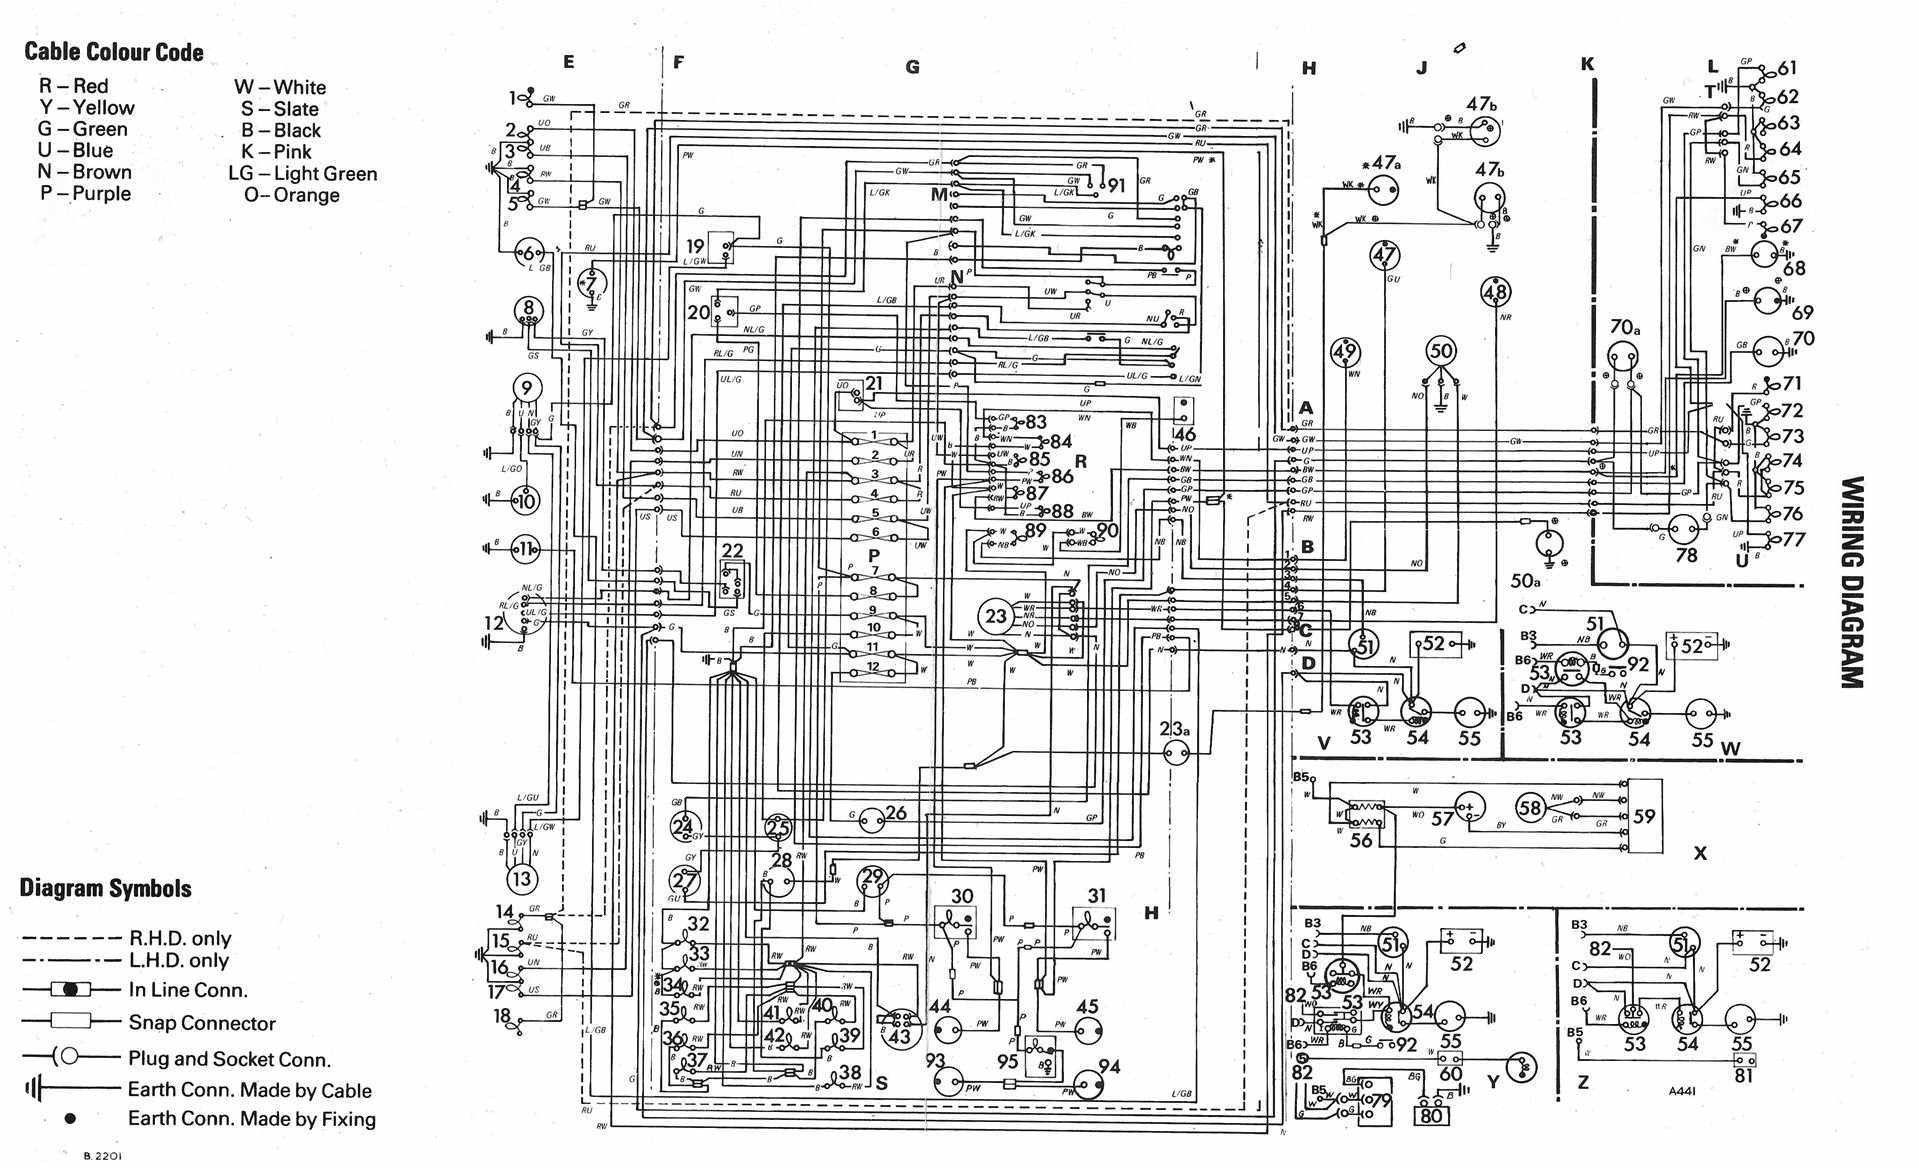 New Wiring Scheme Diagram Wiringdiagram Diagramming